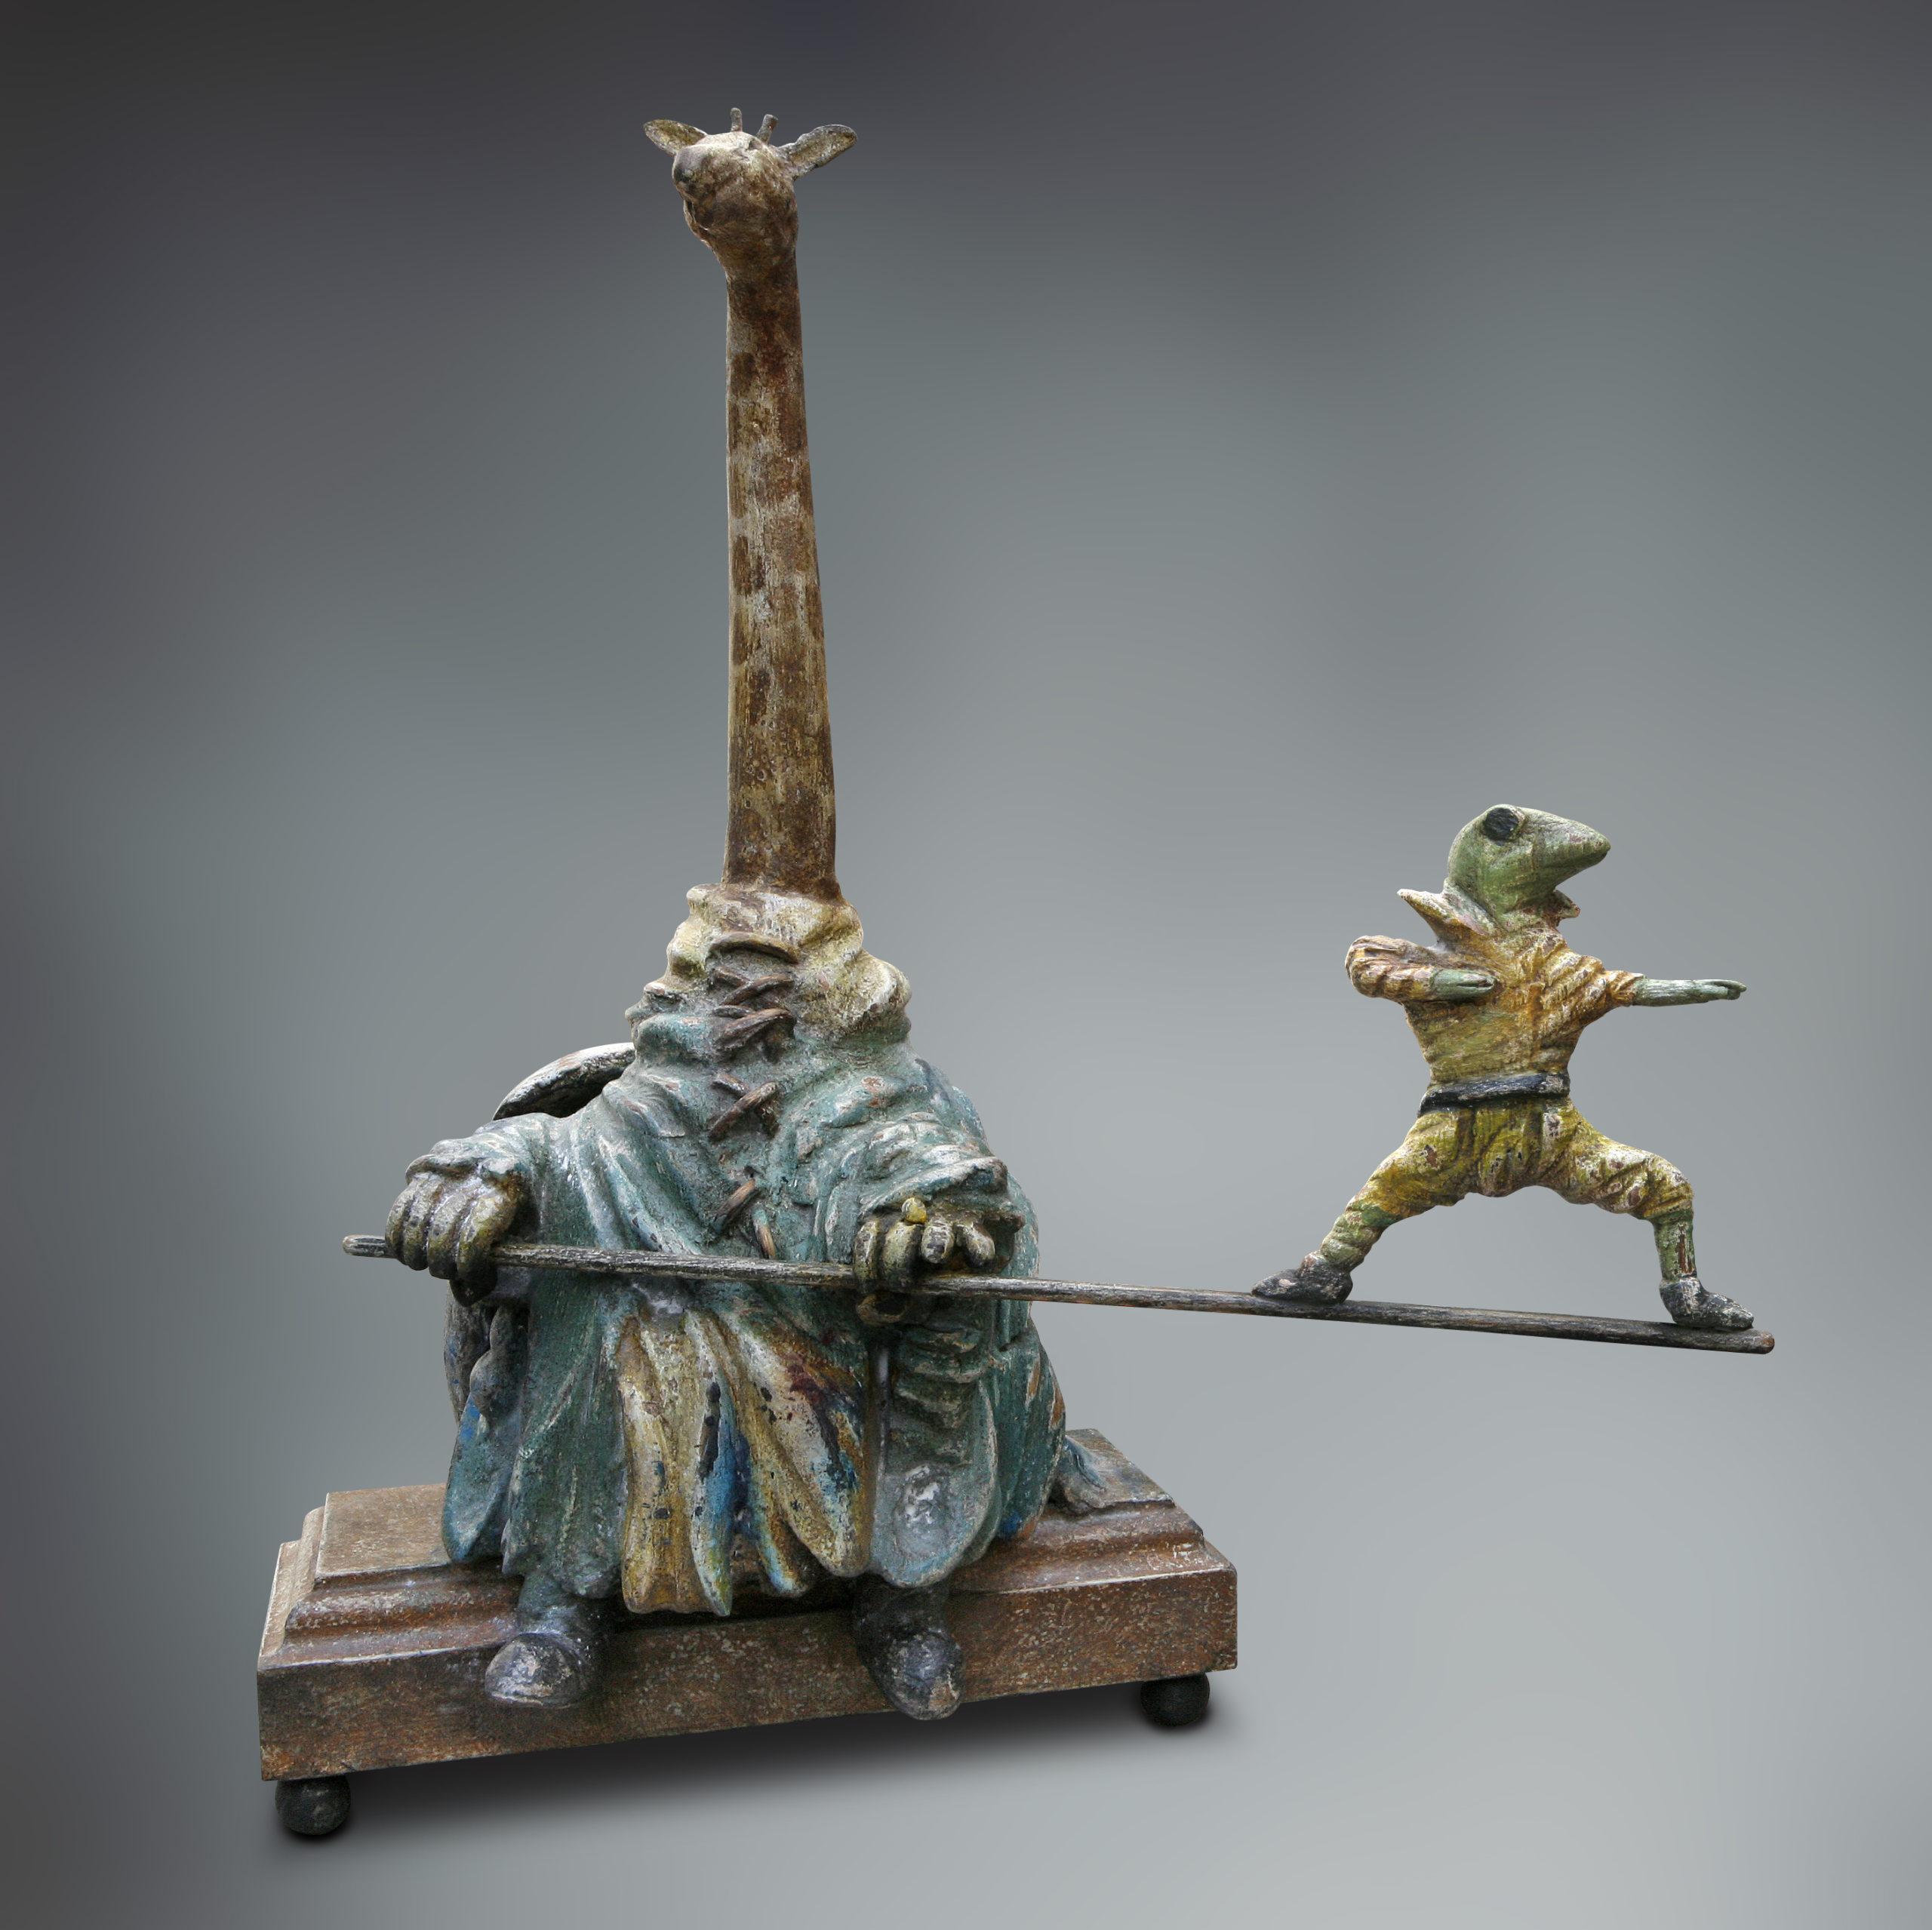 Giraffe met balancerende kikker